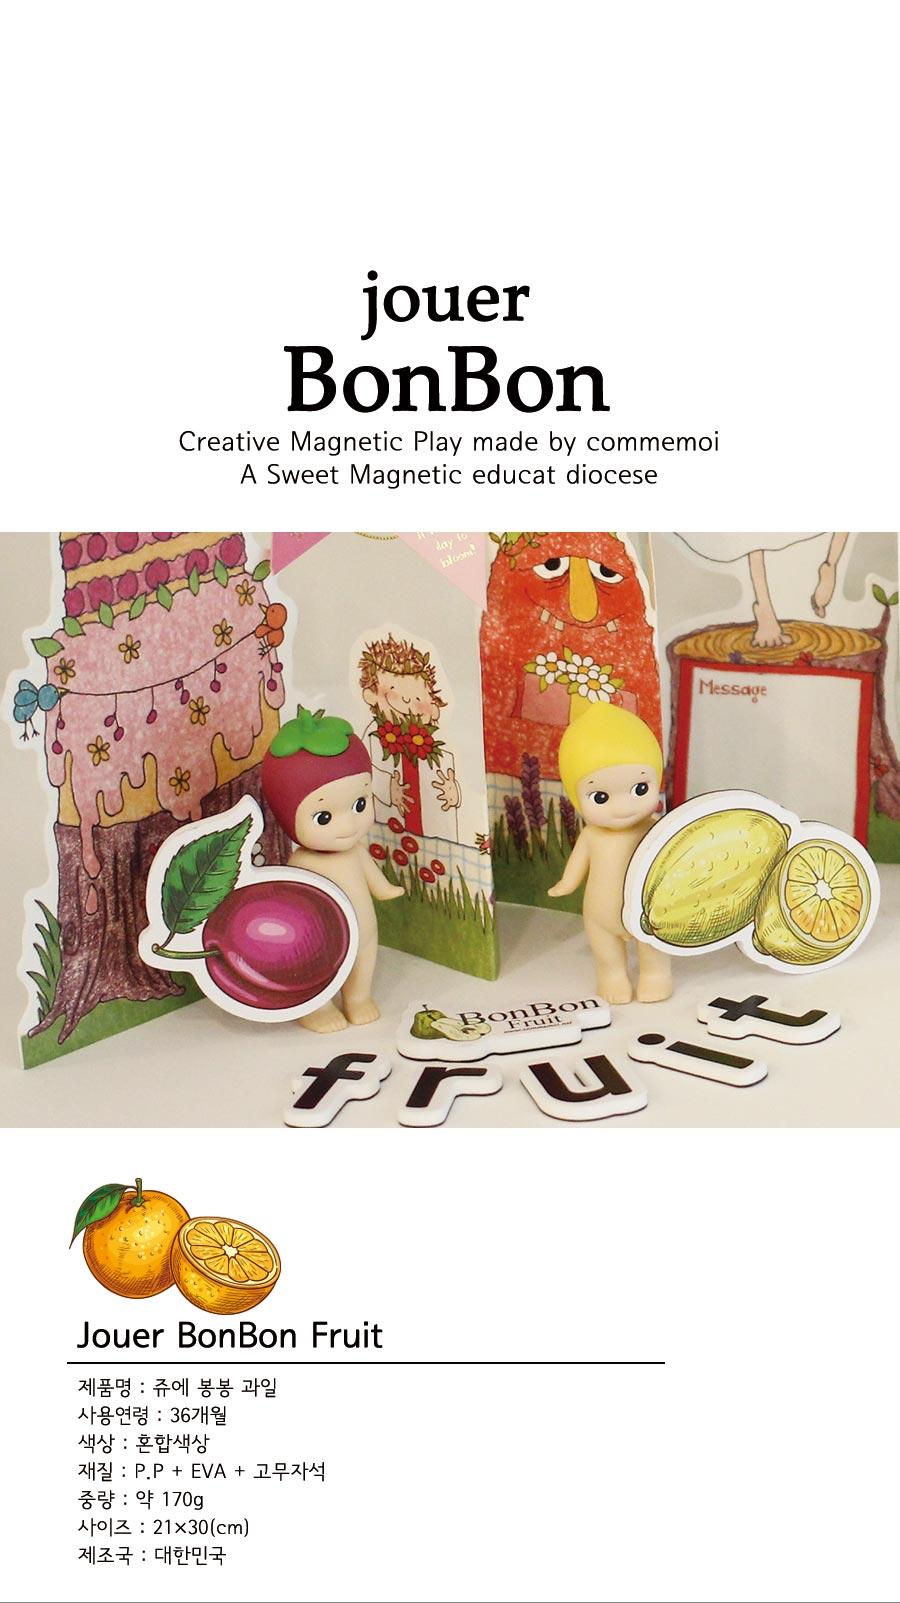 쥬에 봉봉 과일 자석 교구 퍼즐 칠판 유아 - 꼬메모이, 12,500원, 교육완구, 학습교구